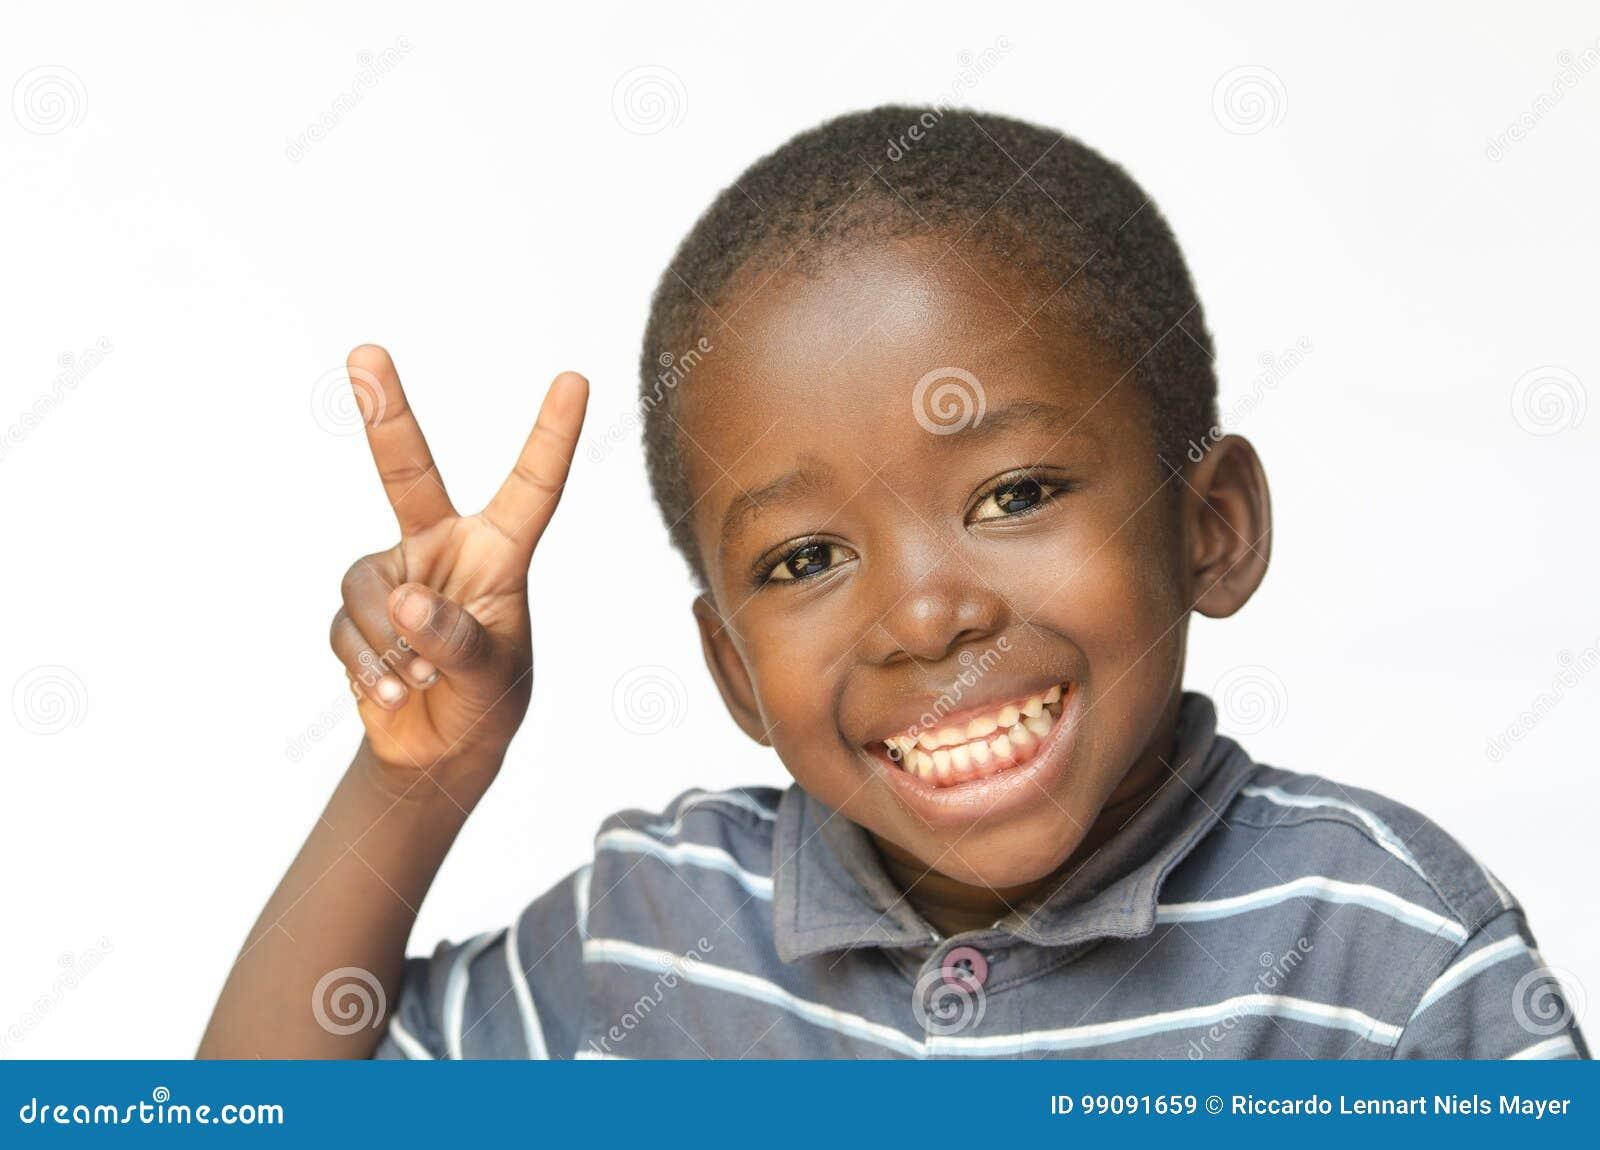 Jätteglat tecken för fred för danande för afrikansvartpojke för fred för leende Afrika för afrikansk etnicitet enorm för världen